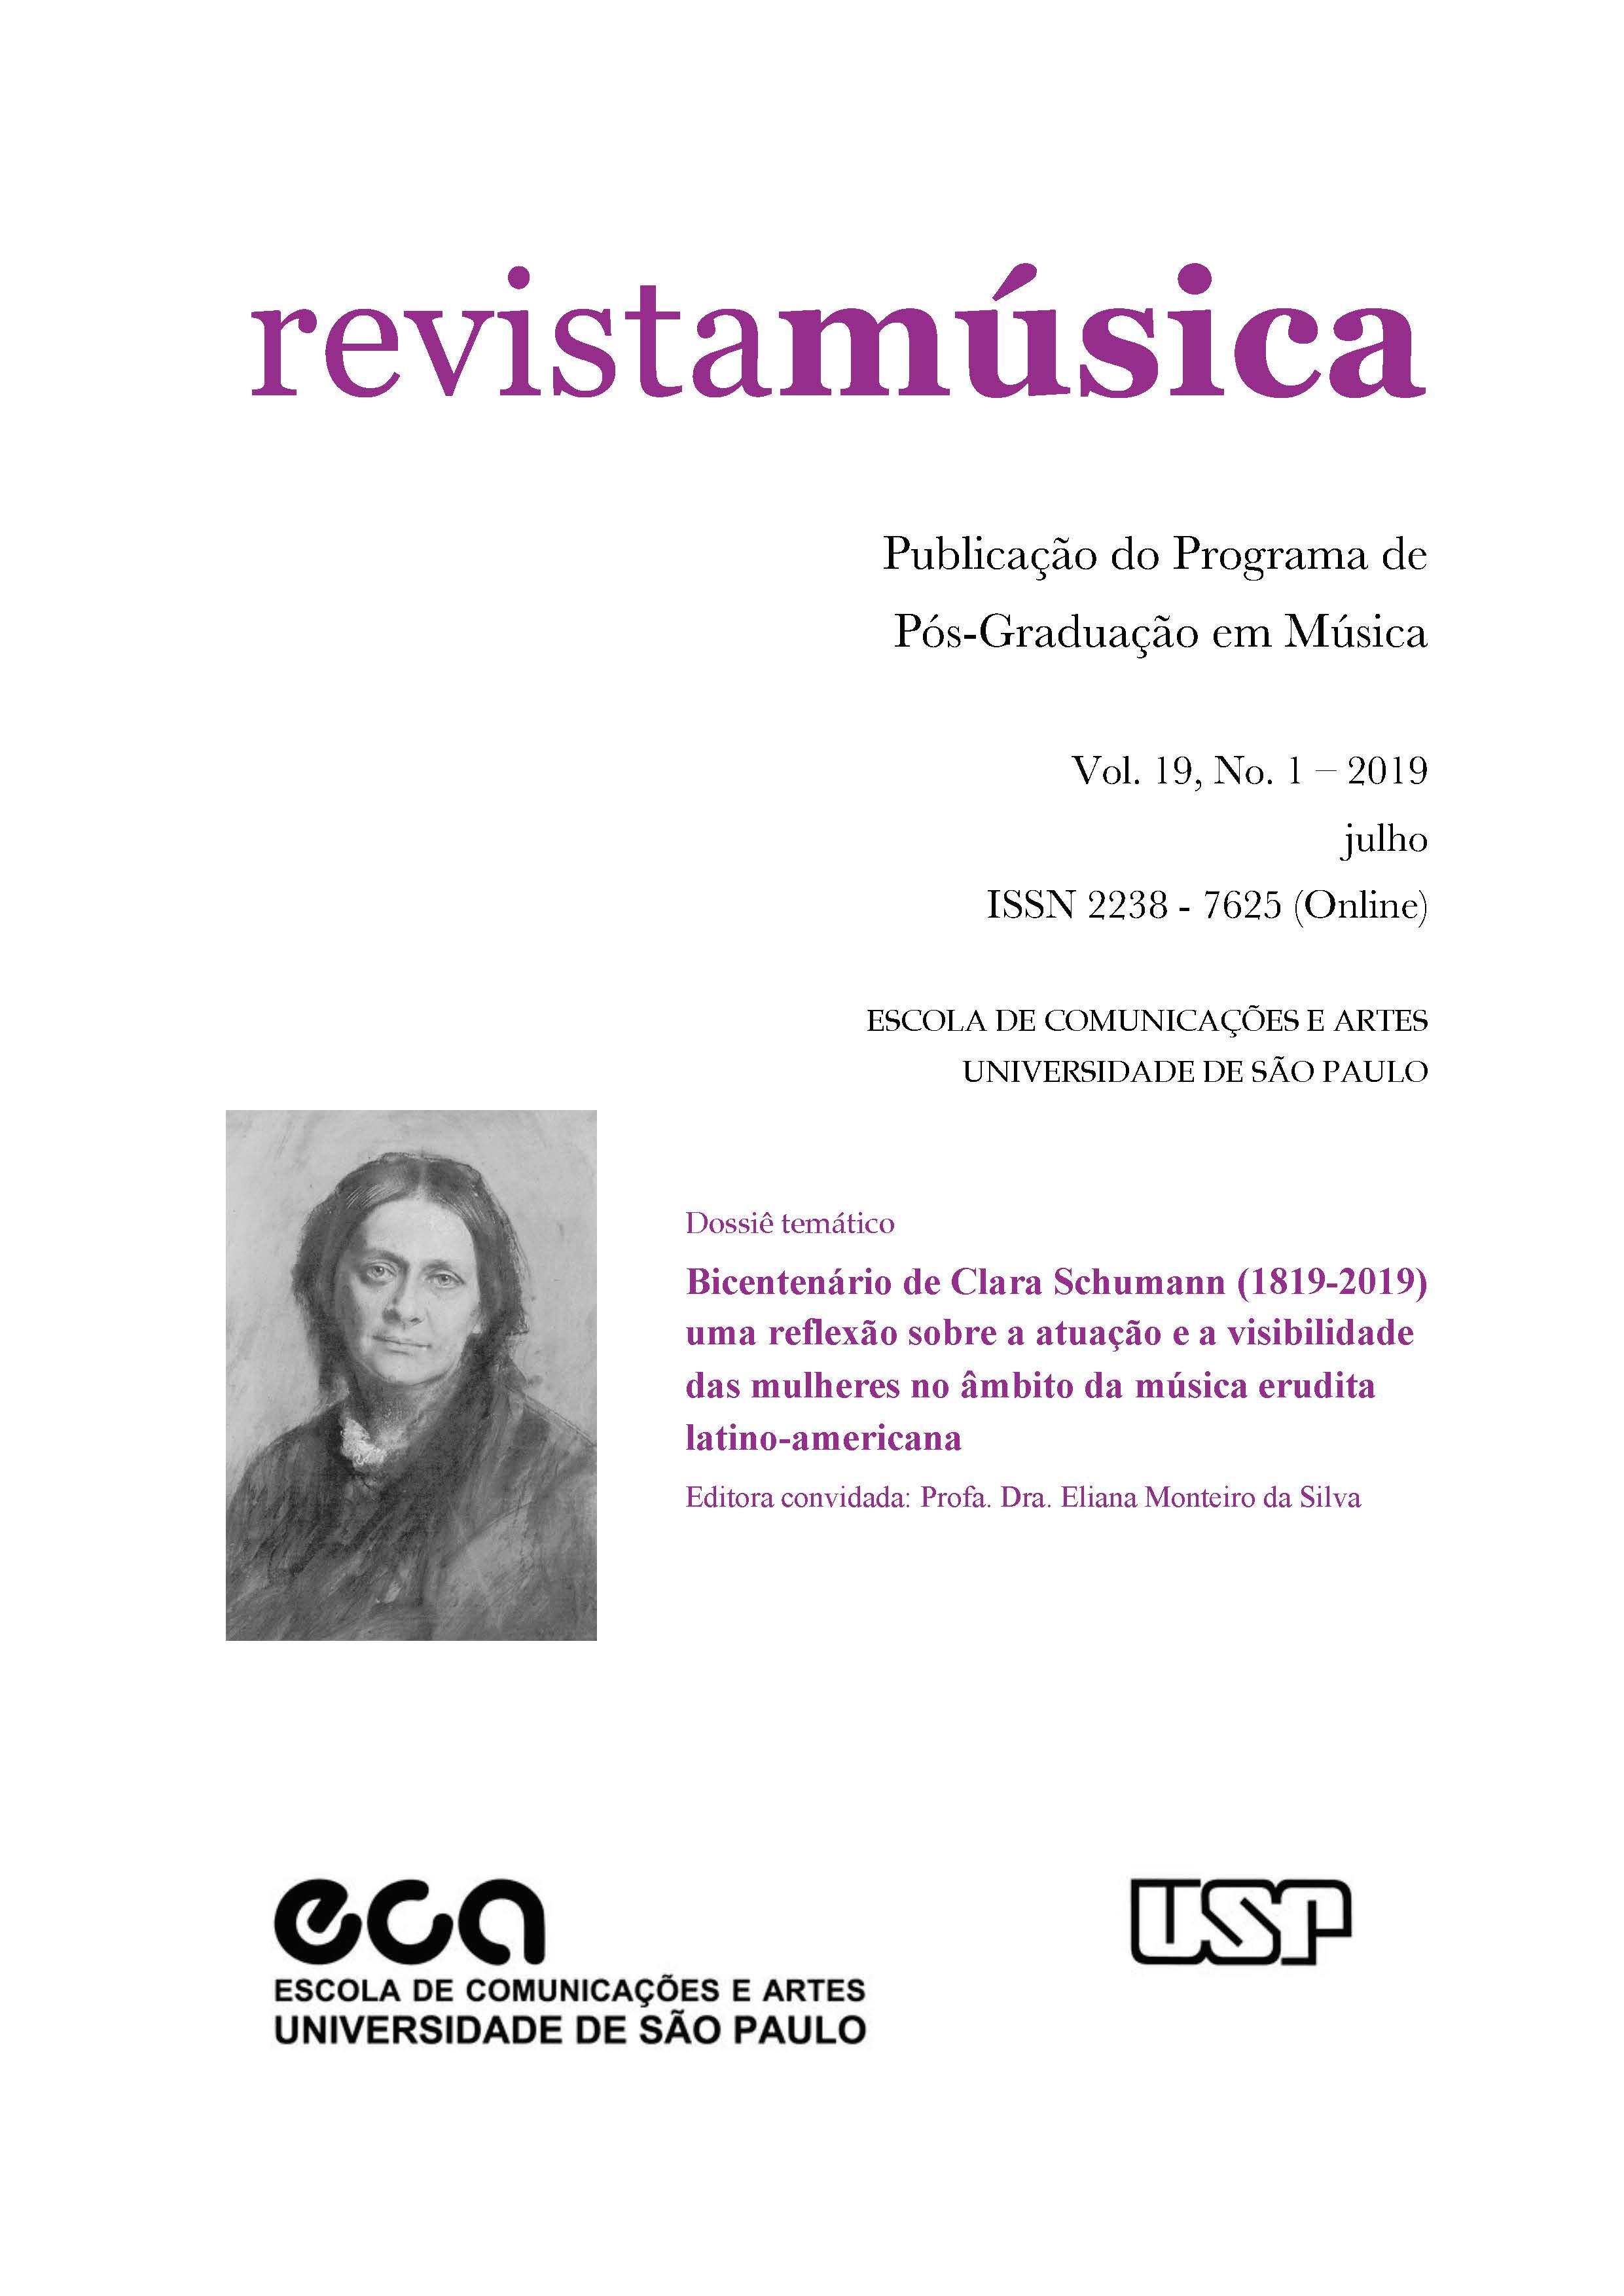 Visualizar v. 19 n. 1 (2019): Bicentenário de Clara Schumann (1819-2019),  uma reflexão sobre a atuação e a visibilidade das mulheres na música